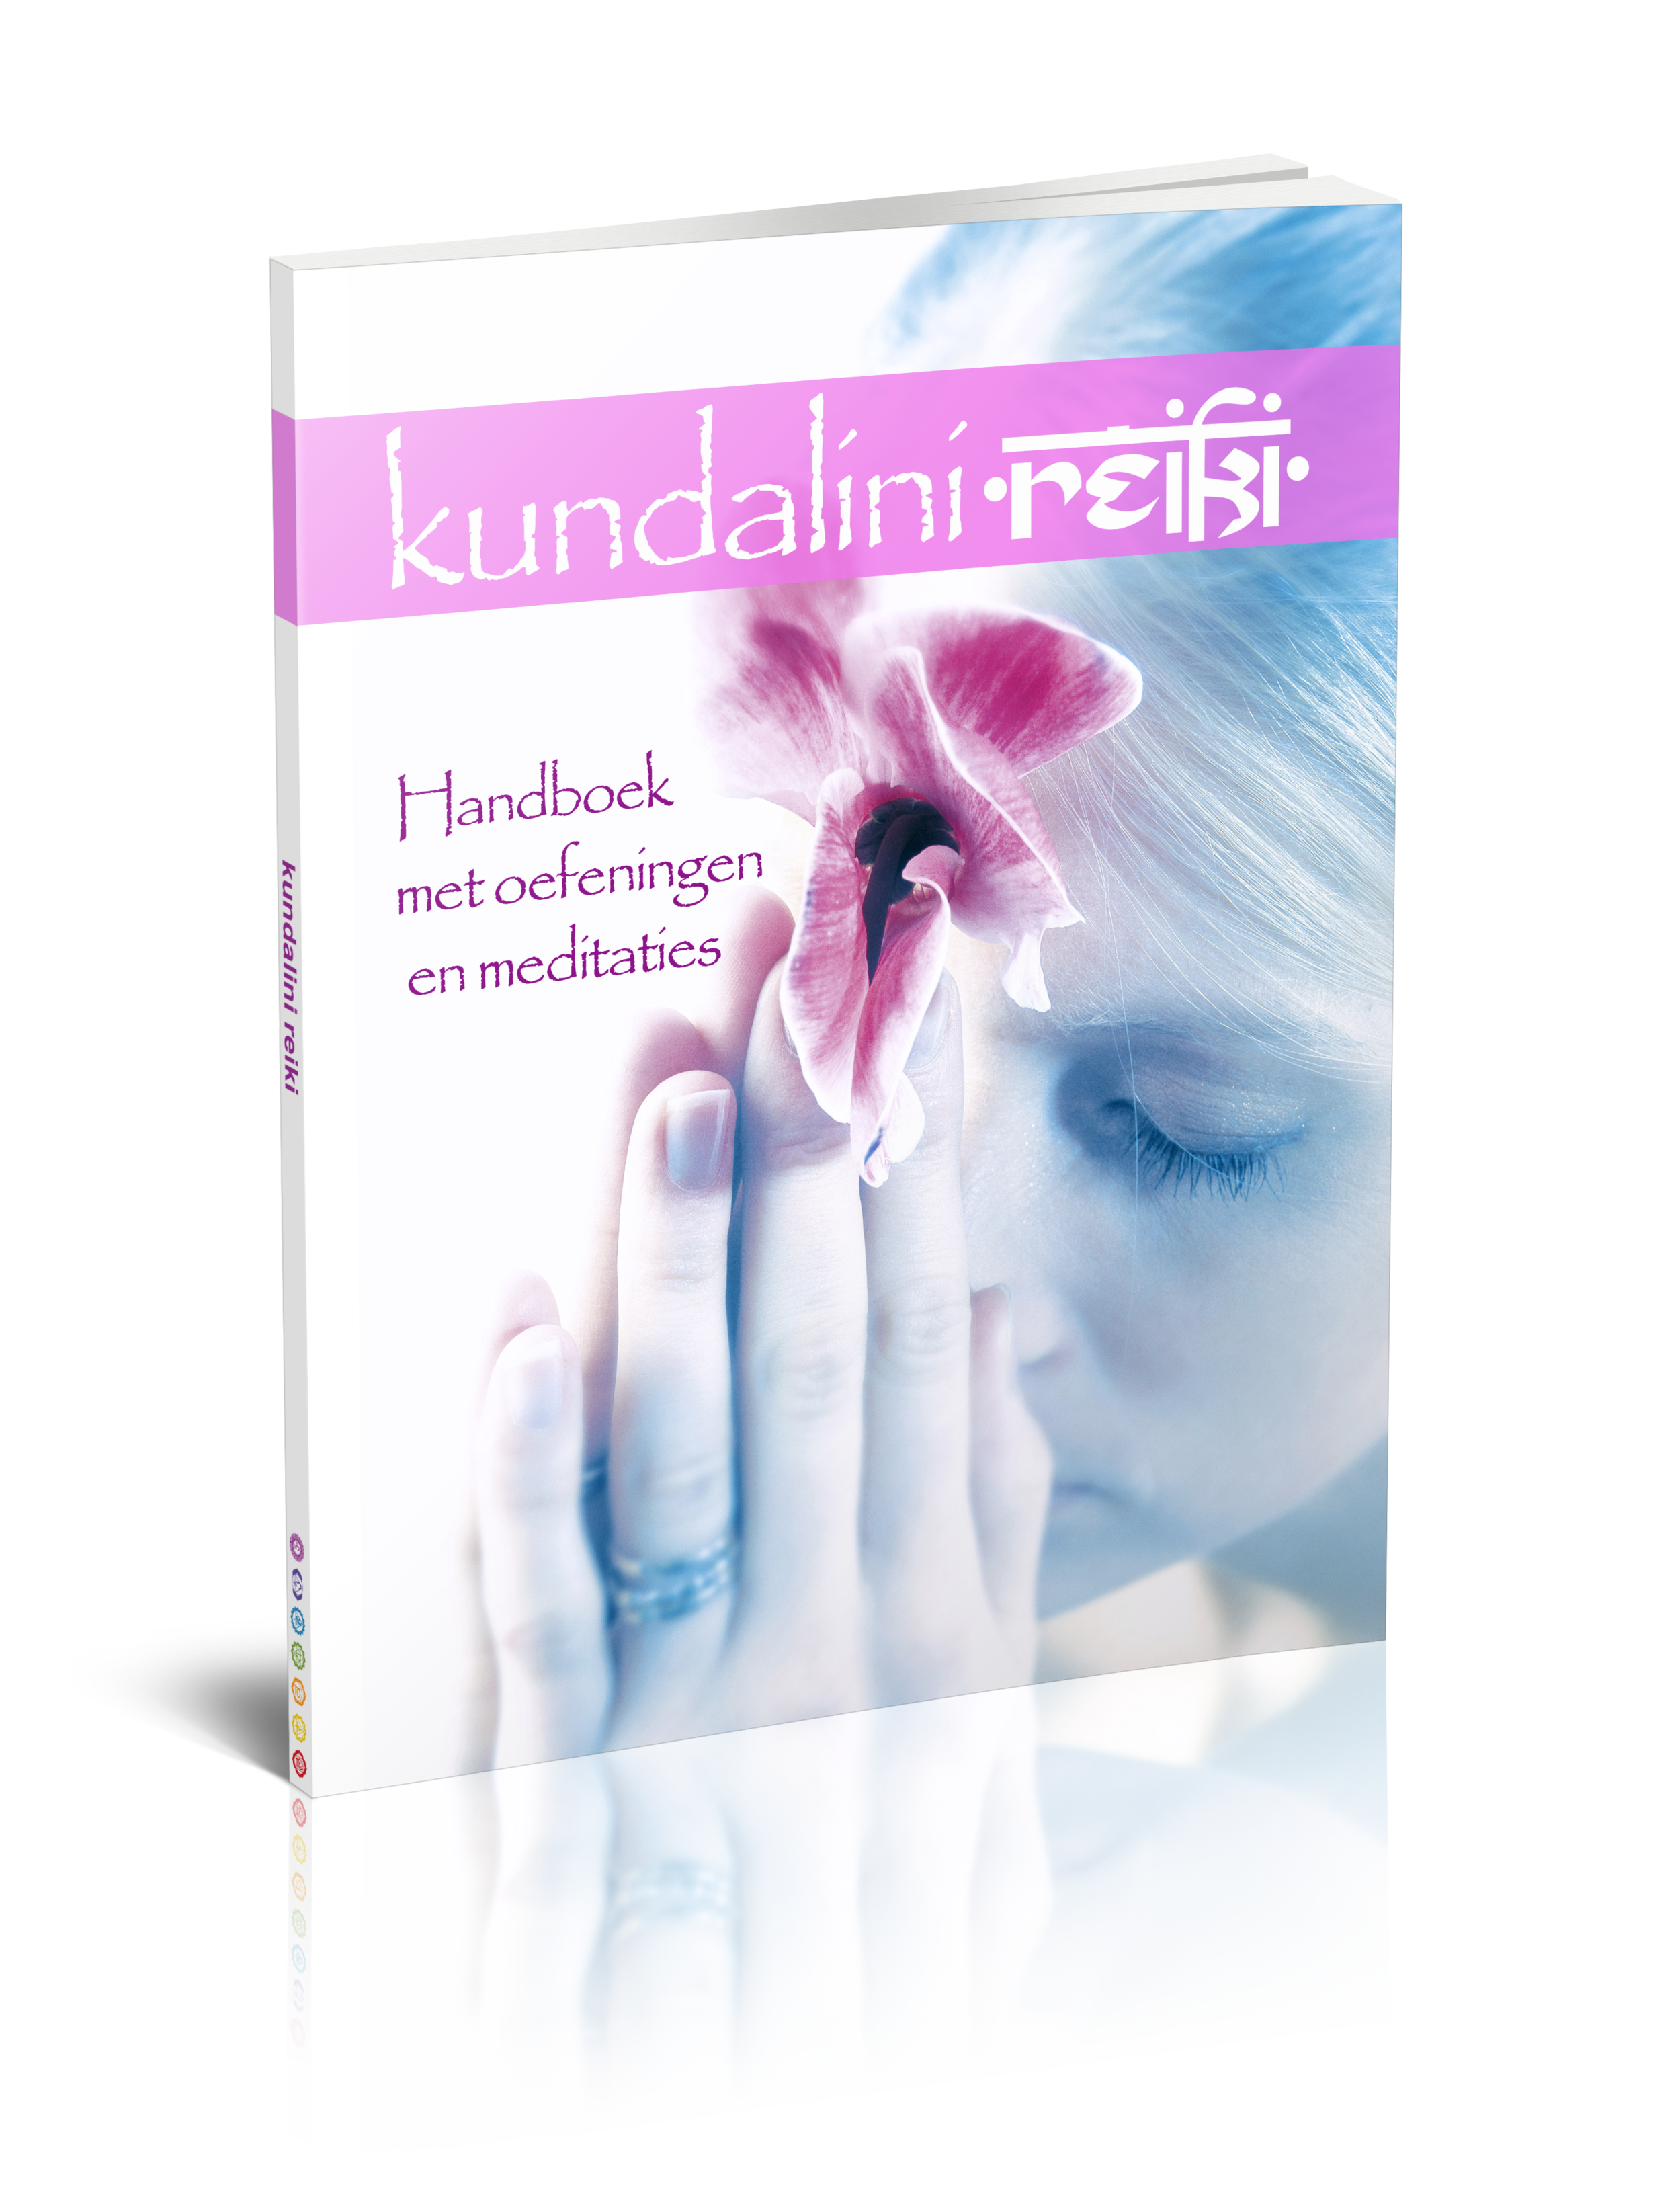 kundalinireikihandboek.png